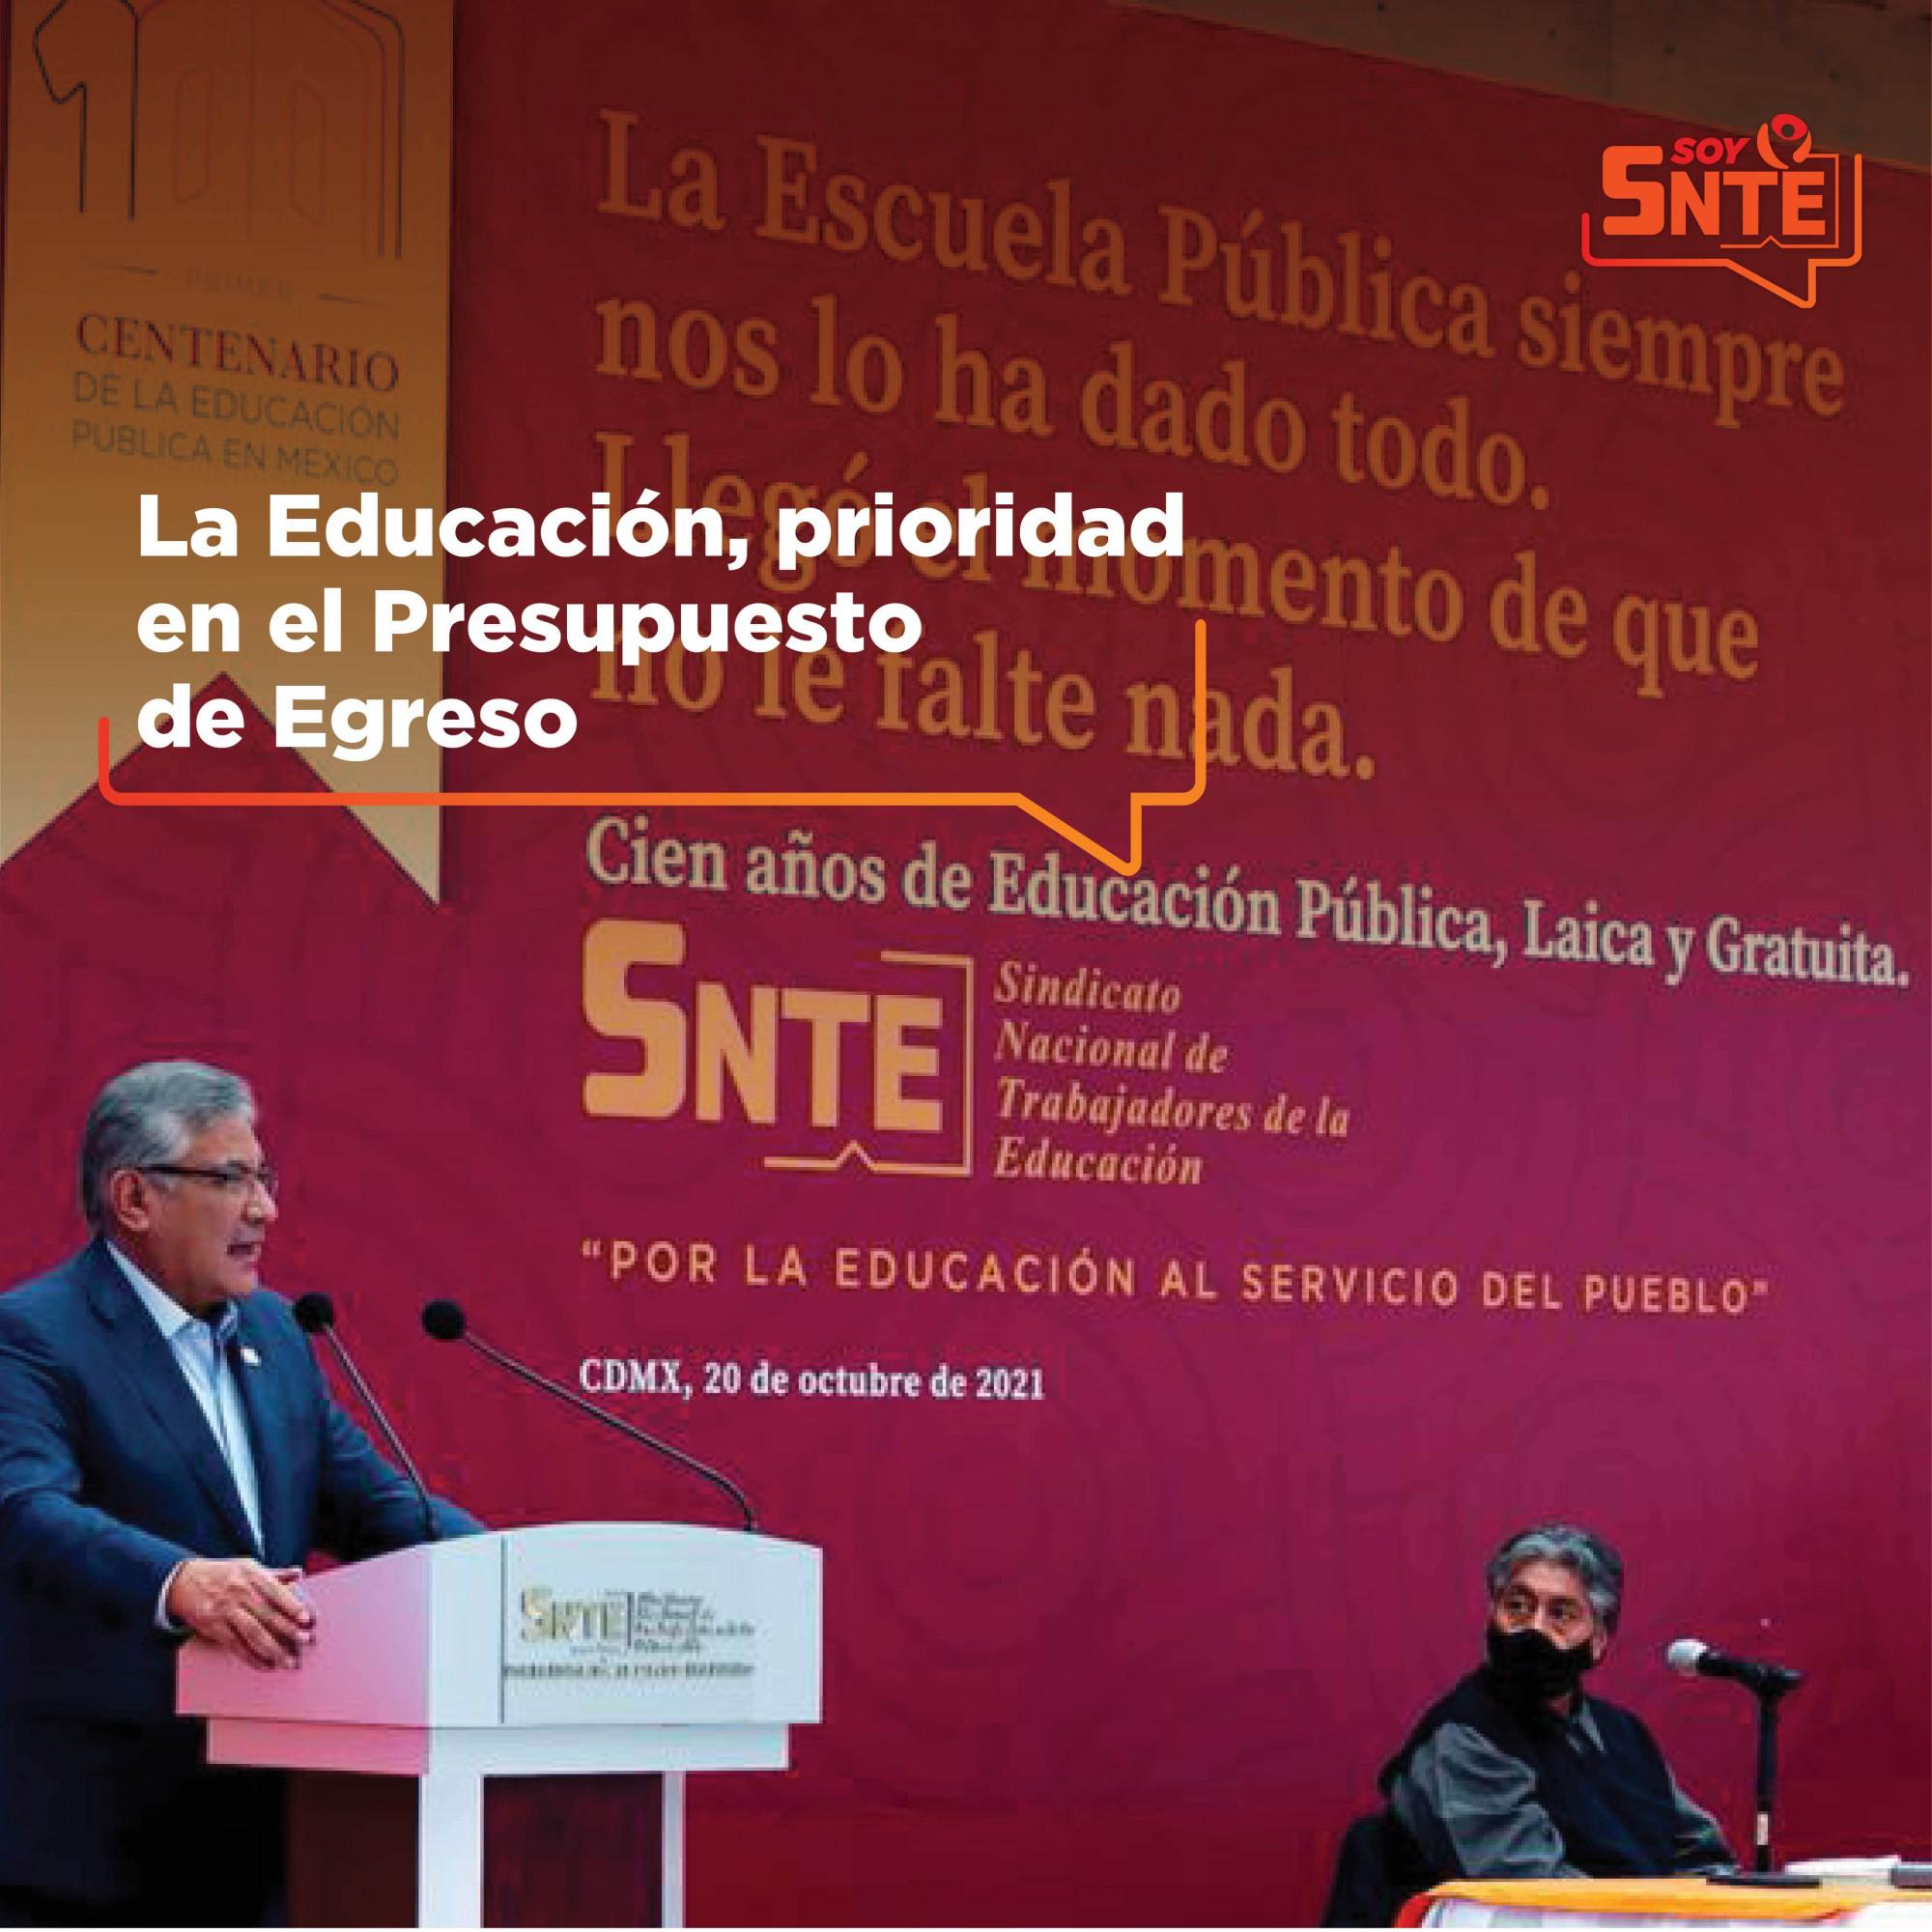 La educación, tema esencial para diputados ante el Presupuesto de Egresos